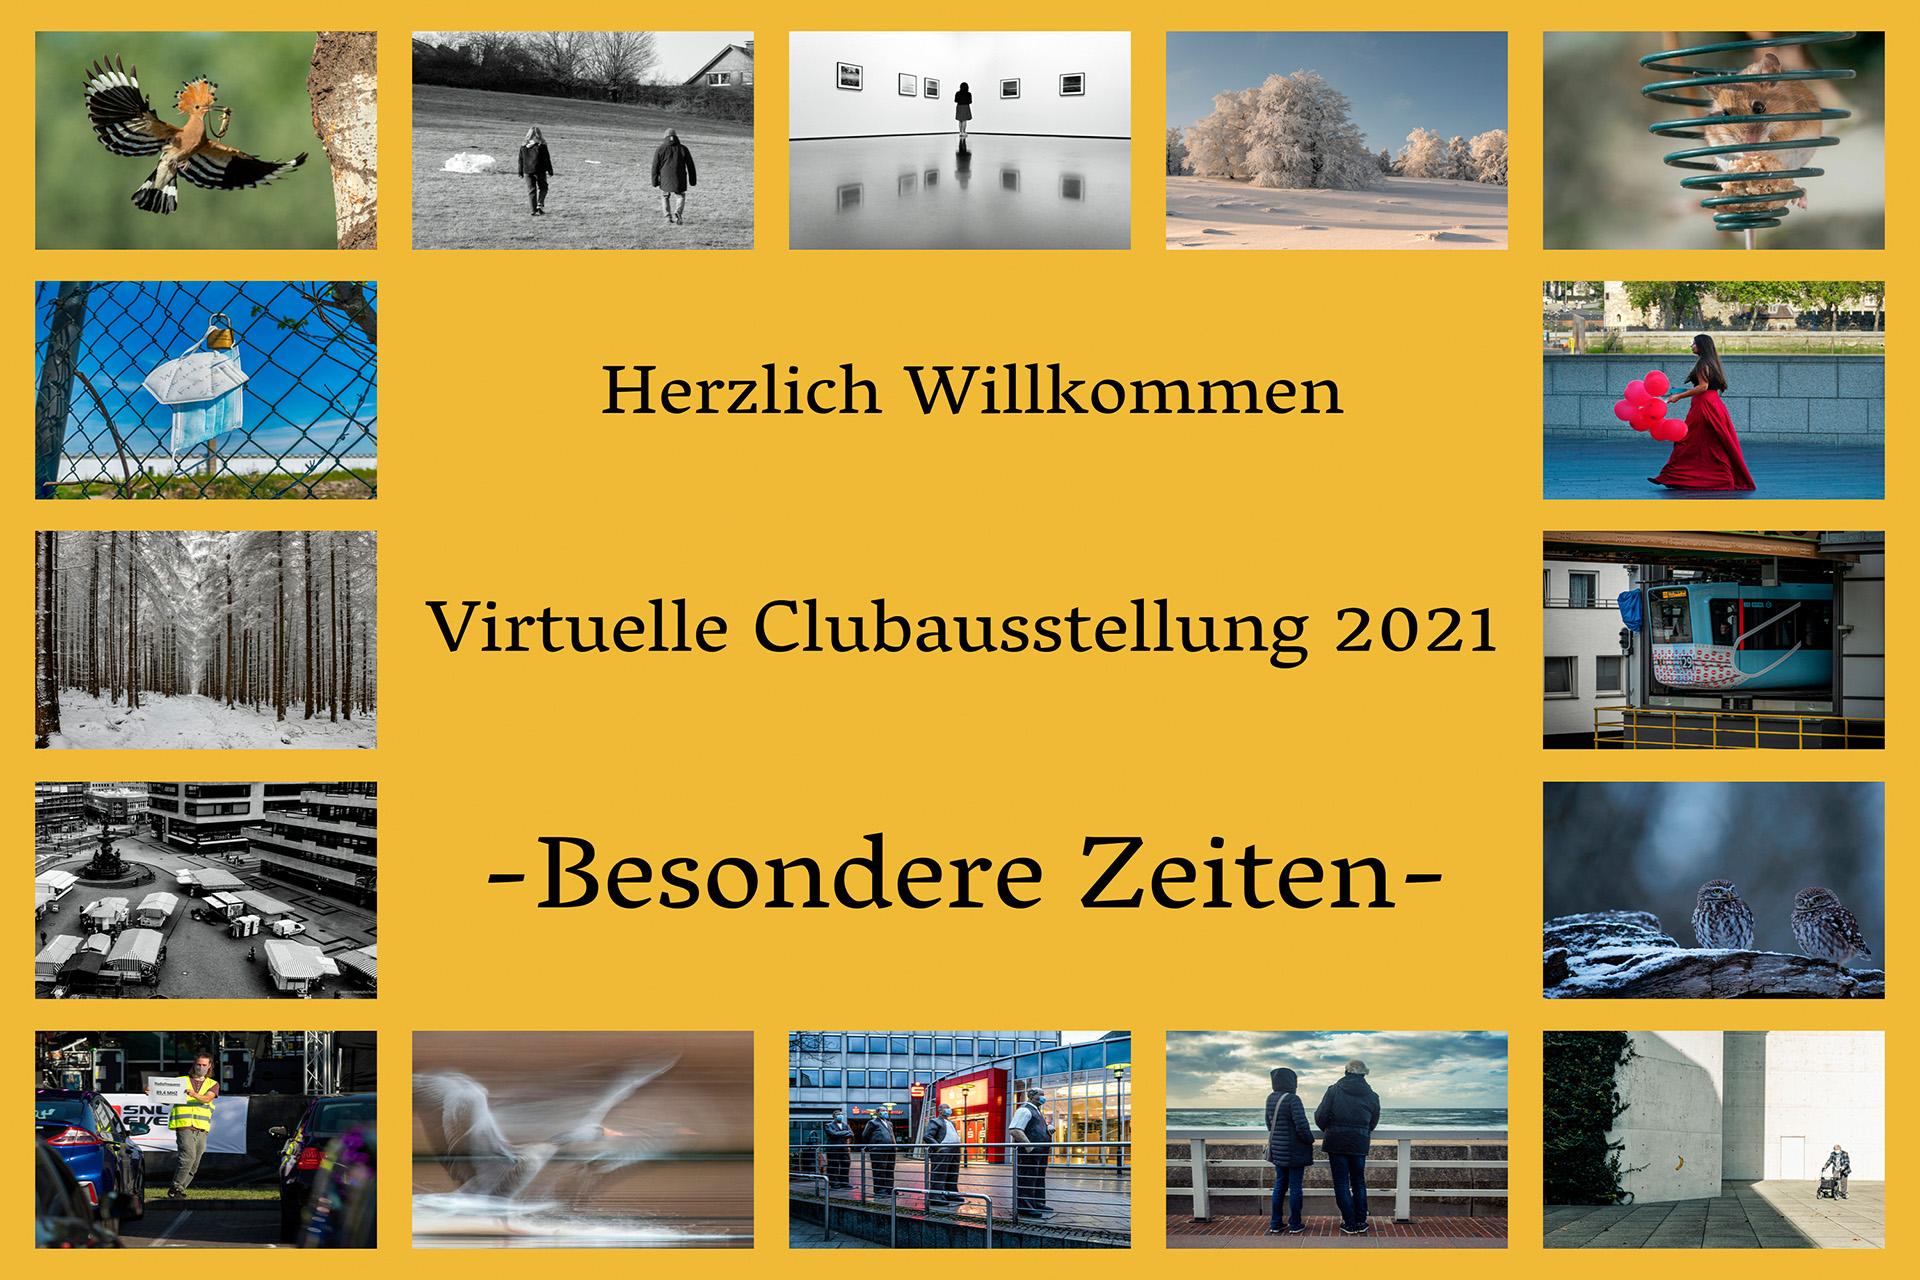 Virtuelle Clubausstellung: Besondere Zeiten